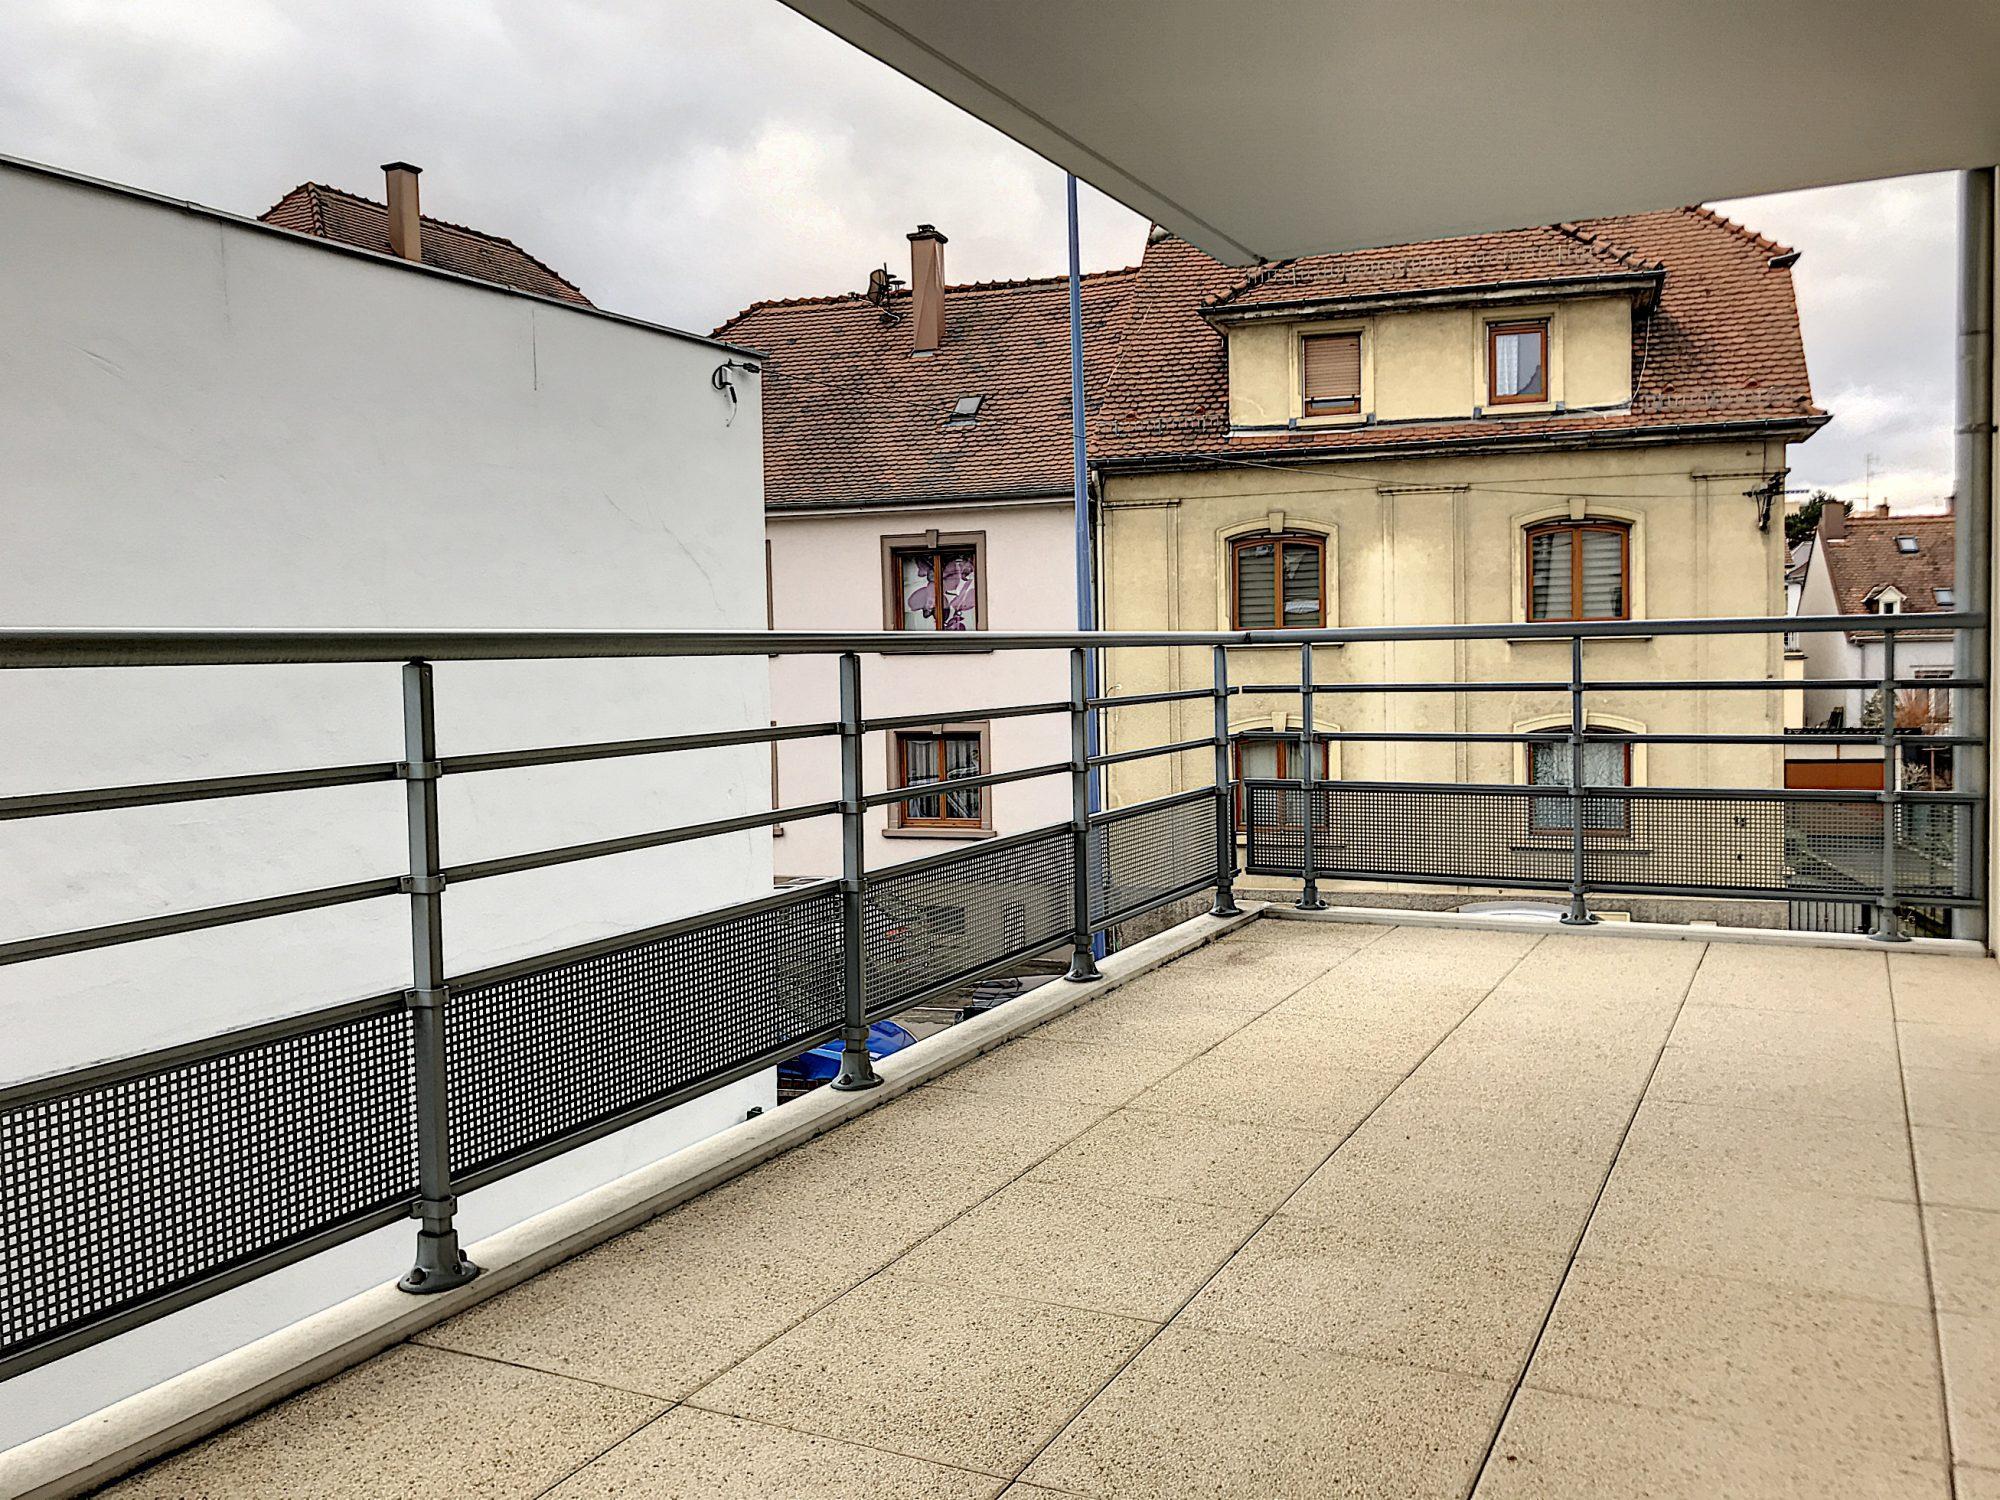 3 Pièces SCHILTIGHEIM + Terrasse - Devenez locataire en toute sérénité - Bintz Immobilier - 2